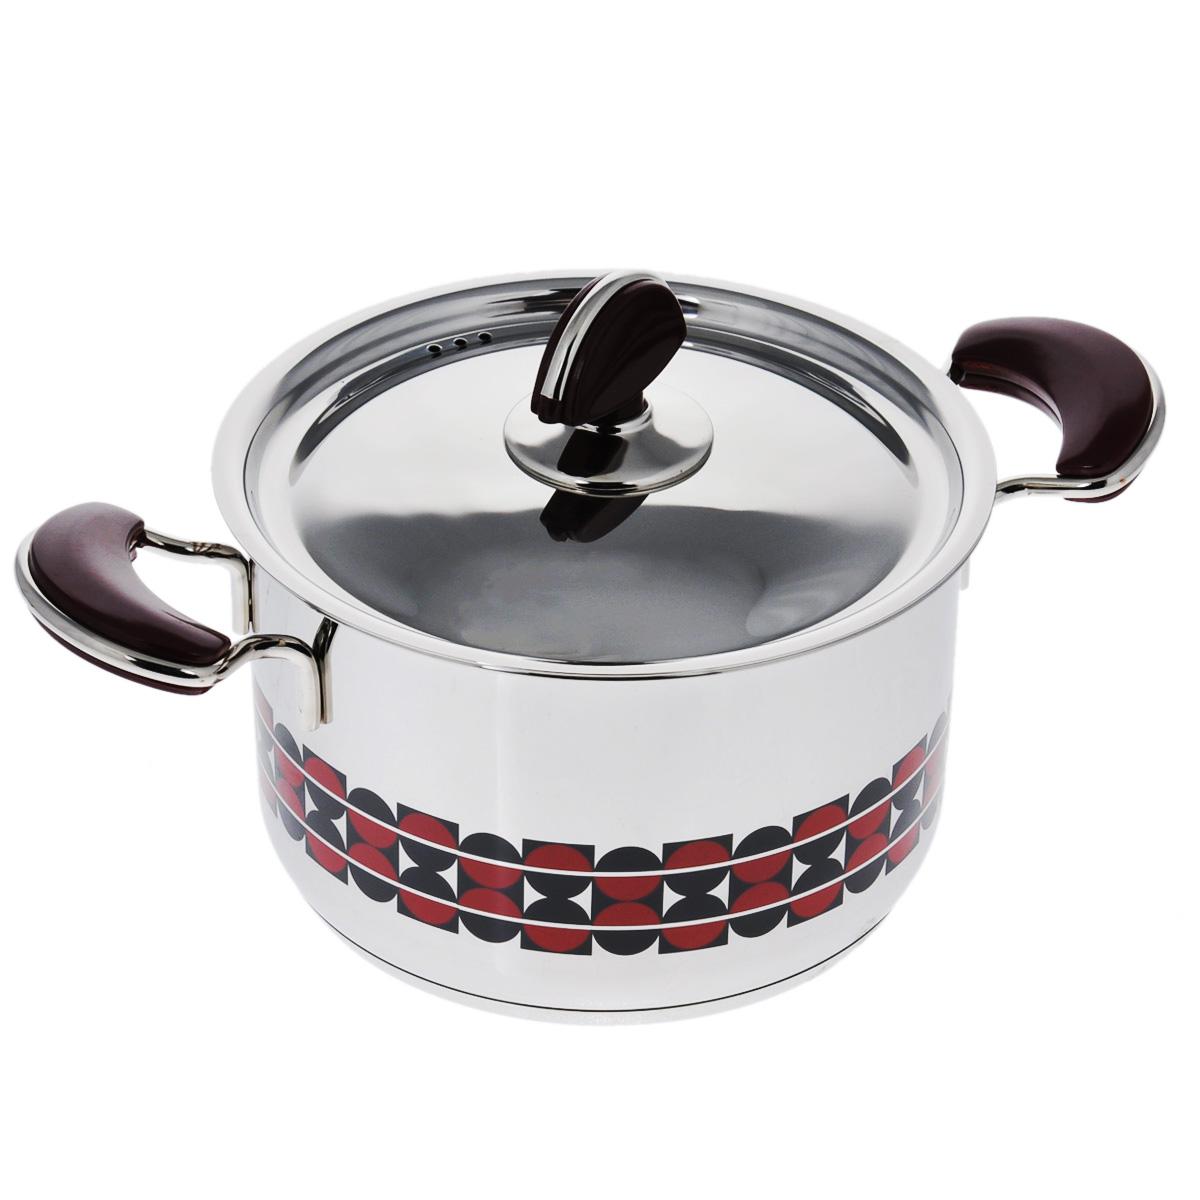 Кастрюля Kitchen-Art EX Pot с крышкой, 2,2 лZH3002Кастрюля Kitchen-Art EX Pot выполнена из высококачественной нержавеющей стали Премиум-ЛЮКС с зеркальной полировкой. Внешние стенки оформлены красивым геометричным рисунком в стиле Luxury. Дно изделия с трехслойным напылением, легкое, но очень прочное. Модный европейский дизайн, обтекаемые линии и формы. Для удобного использования ручки из нержавеющей стали оснащены бакелитовыми вставками бордового цвета. Крышка выполнена из нержавеющей стали со специальными отверстиями для выпуска пара. Подходит для всех типов плит, включая индукционные. Можно мыть в посудомоечной машине. Высота стенки: 12 см. Ширина (с учетом ручек): 31 см. Толщина стенки: 2 мм. Толщина дна: 4 мм. Диаметр дна: 16 см.